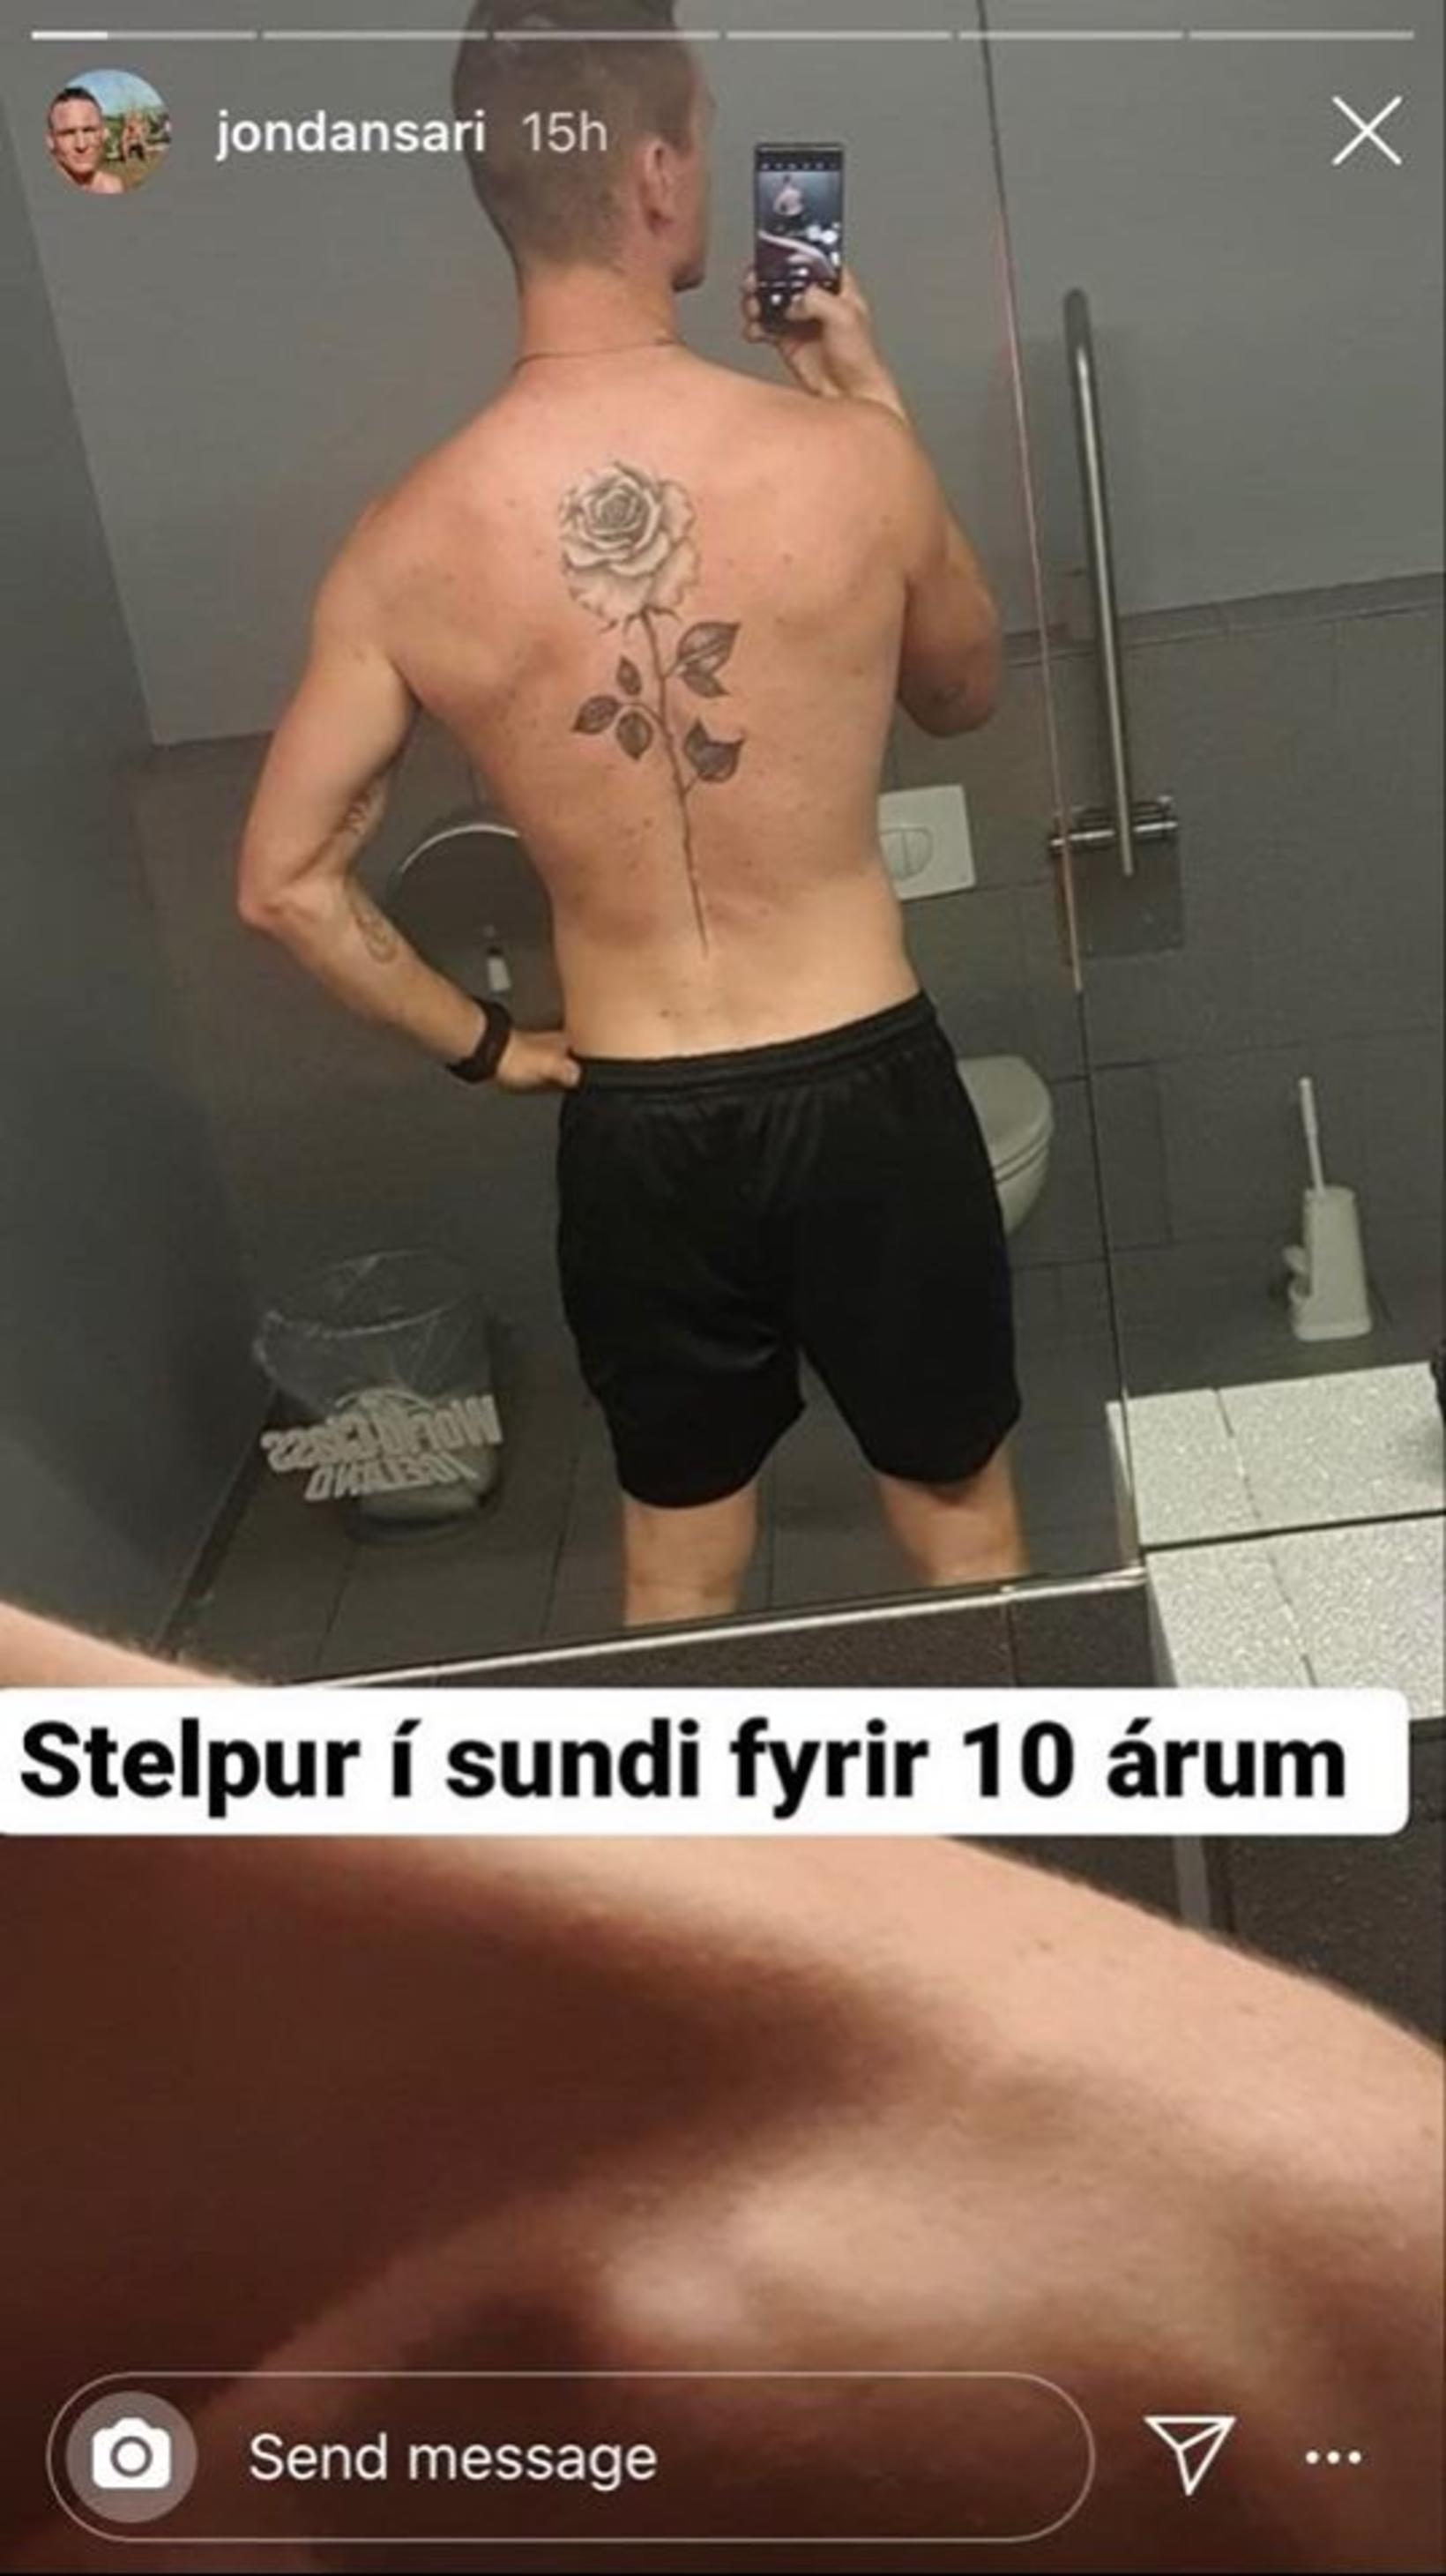 Stelpur í sundi fyrir tíu árum að mati Jóns.